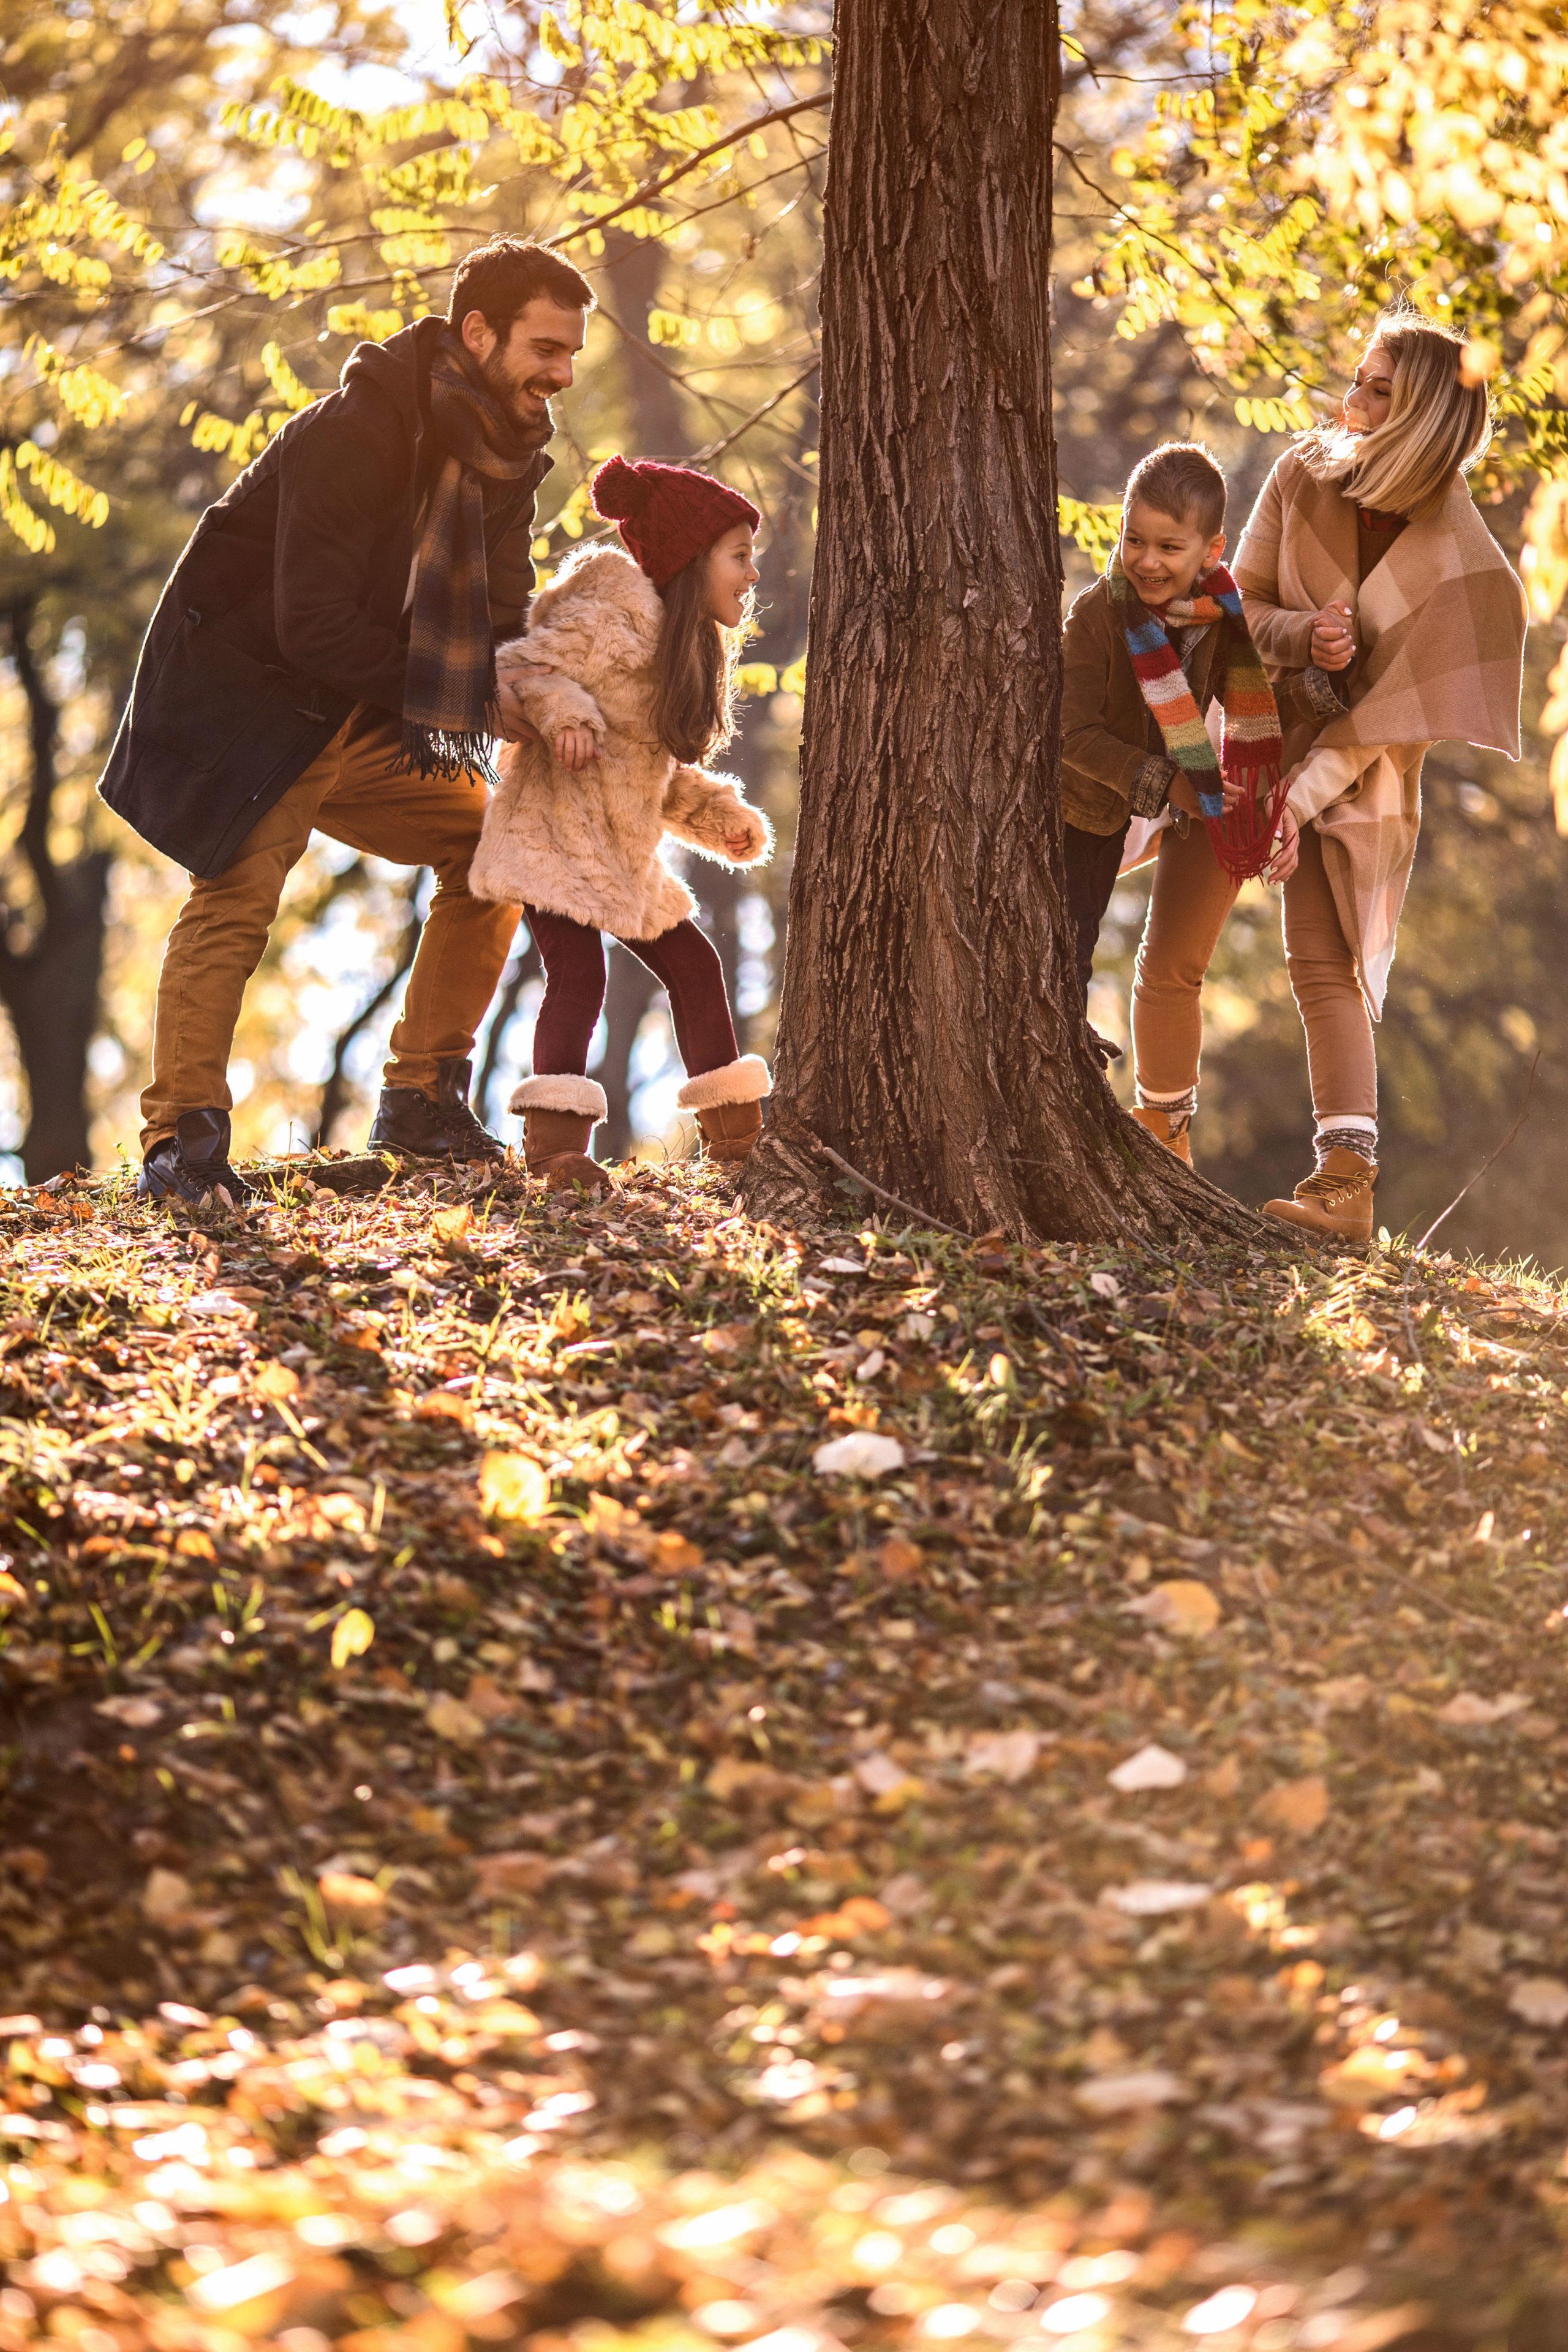 Mit Kind und Kegel durch den Wald: Den Traum von einem lebendigen Familienleben müssen MS-Erkrankte nicht aufgeben.